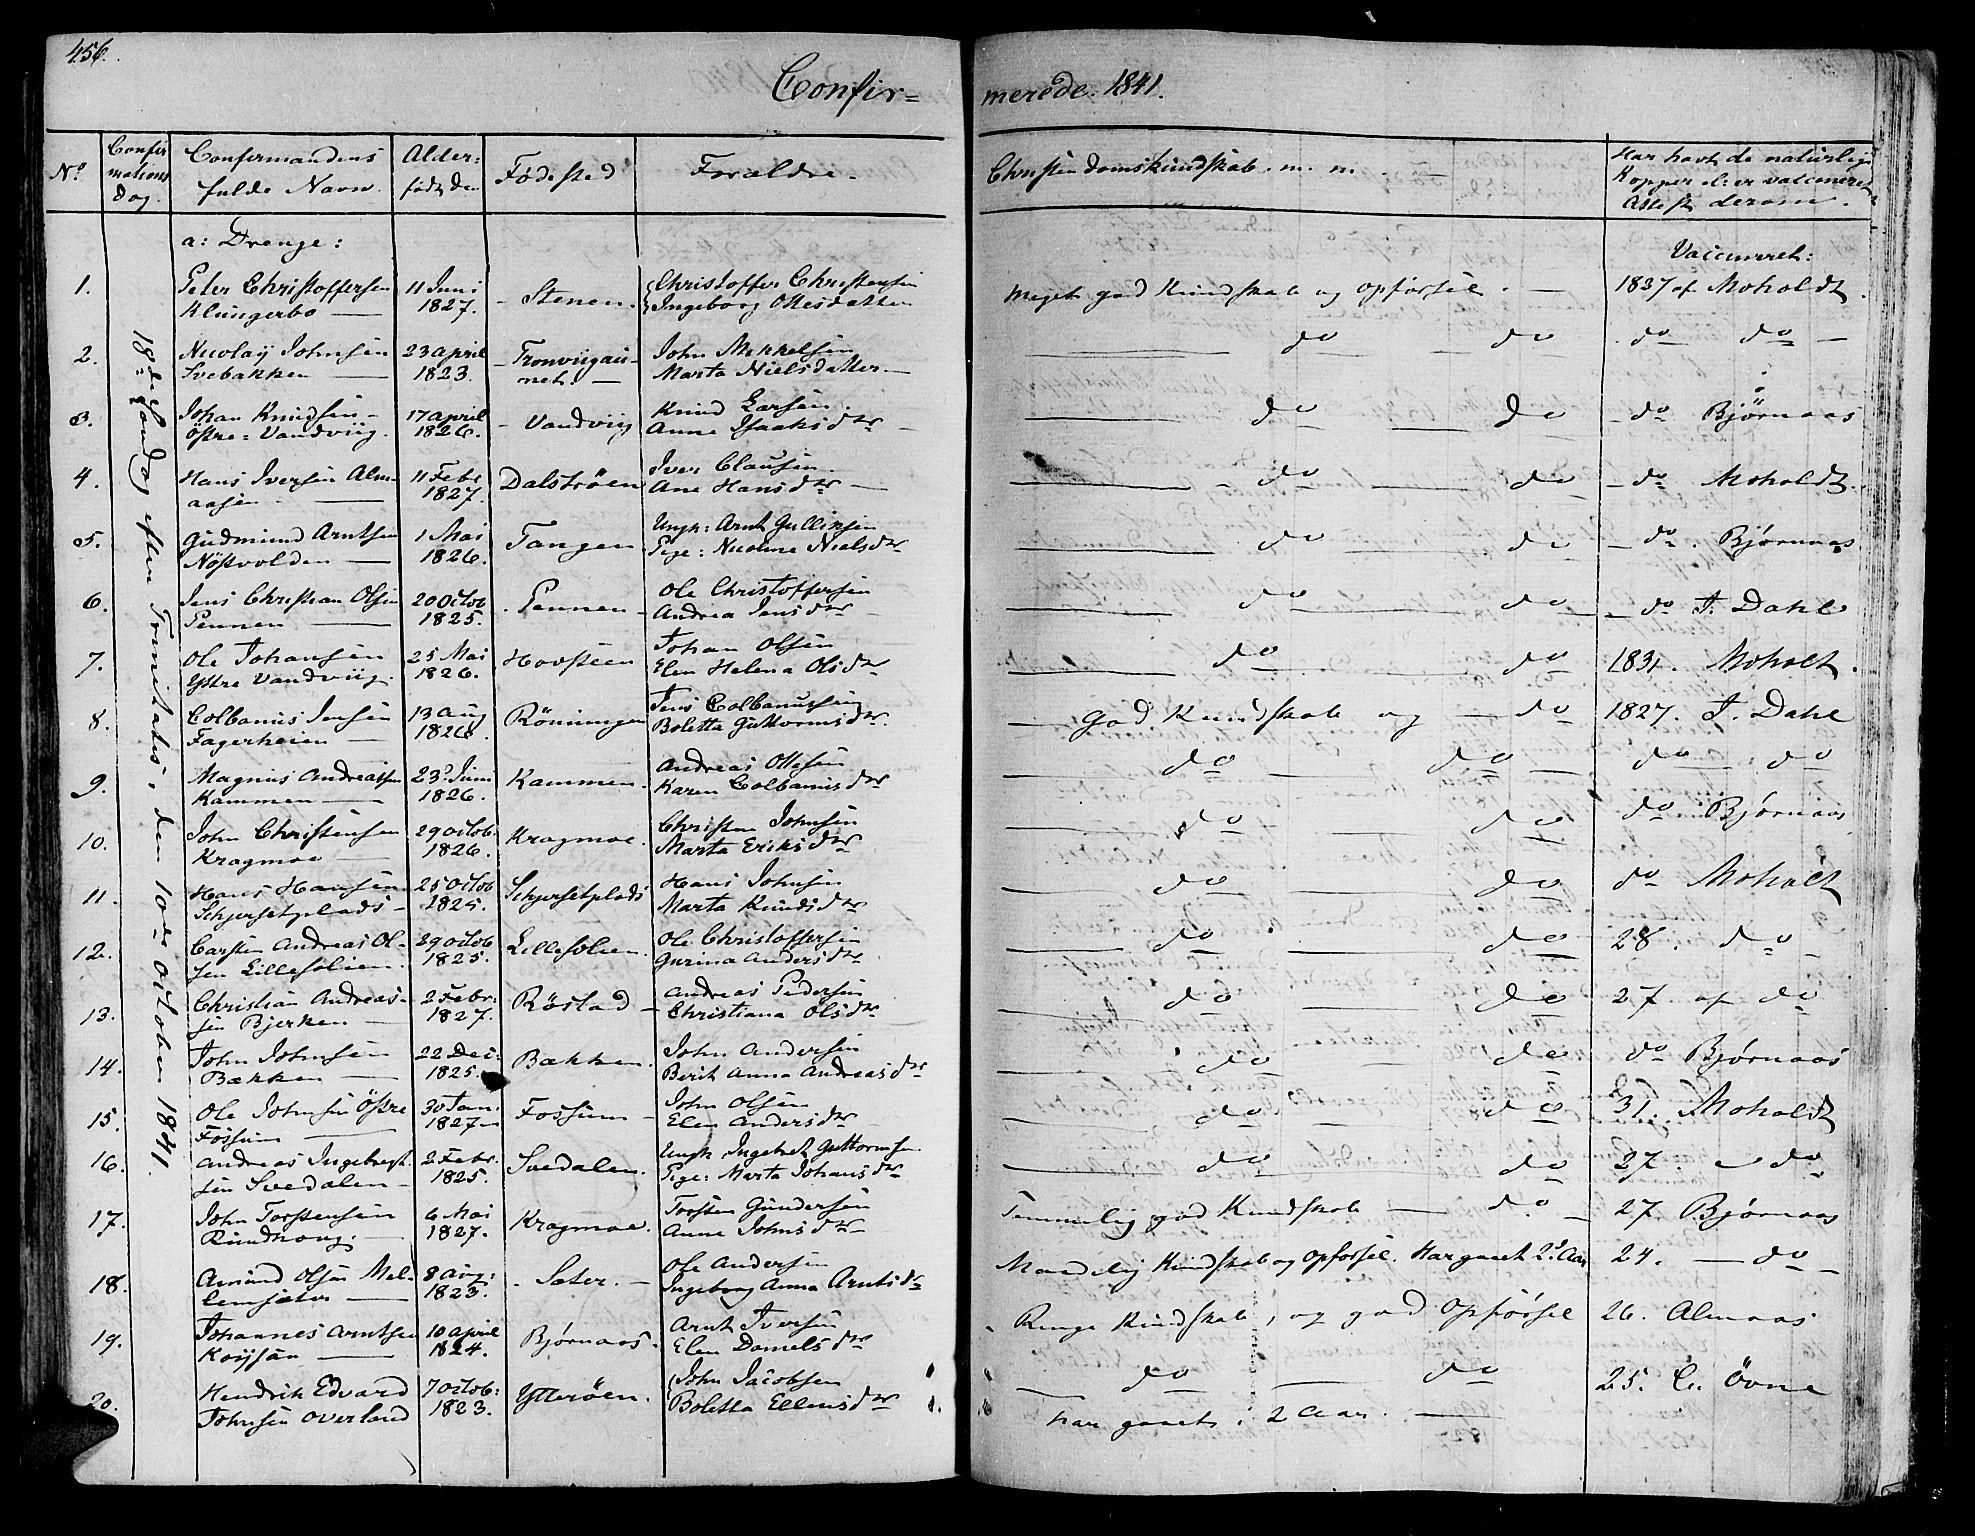 SAT, Ministerialprotokoller, klokkerbøker og fødselsregistre - Nord-Trøndelag, 701/L0006: Ministerialbok nr. 701A06, 1825-1841, s. 456